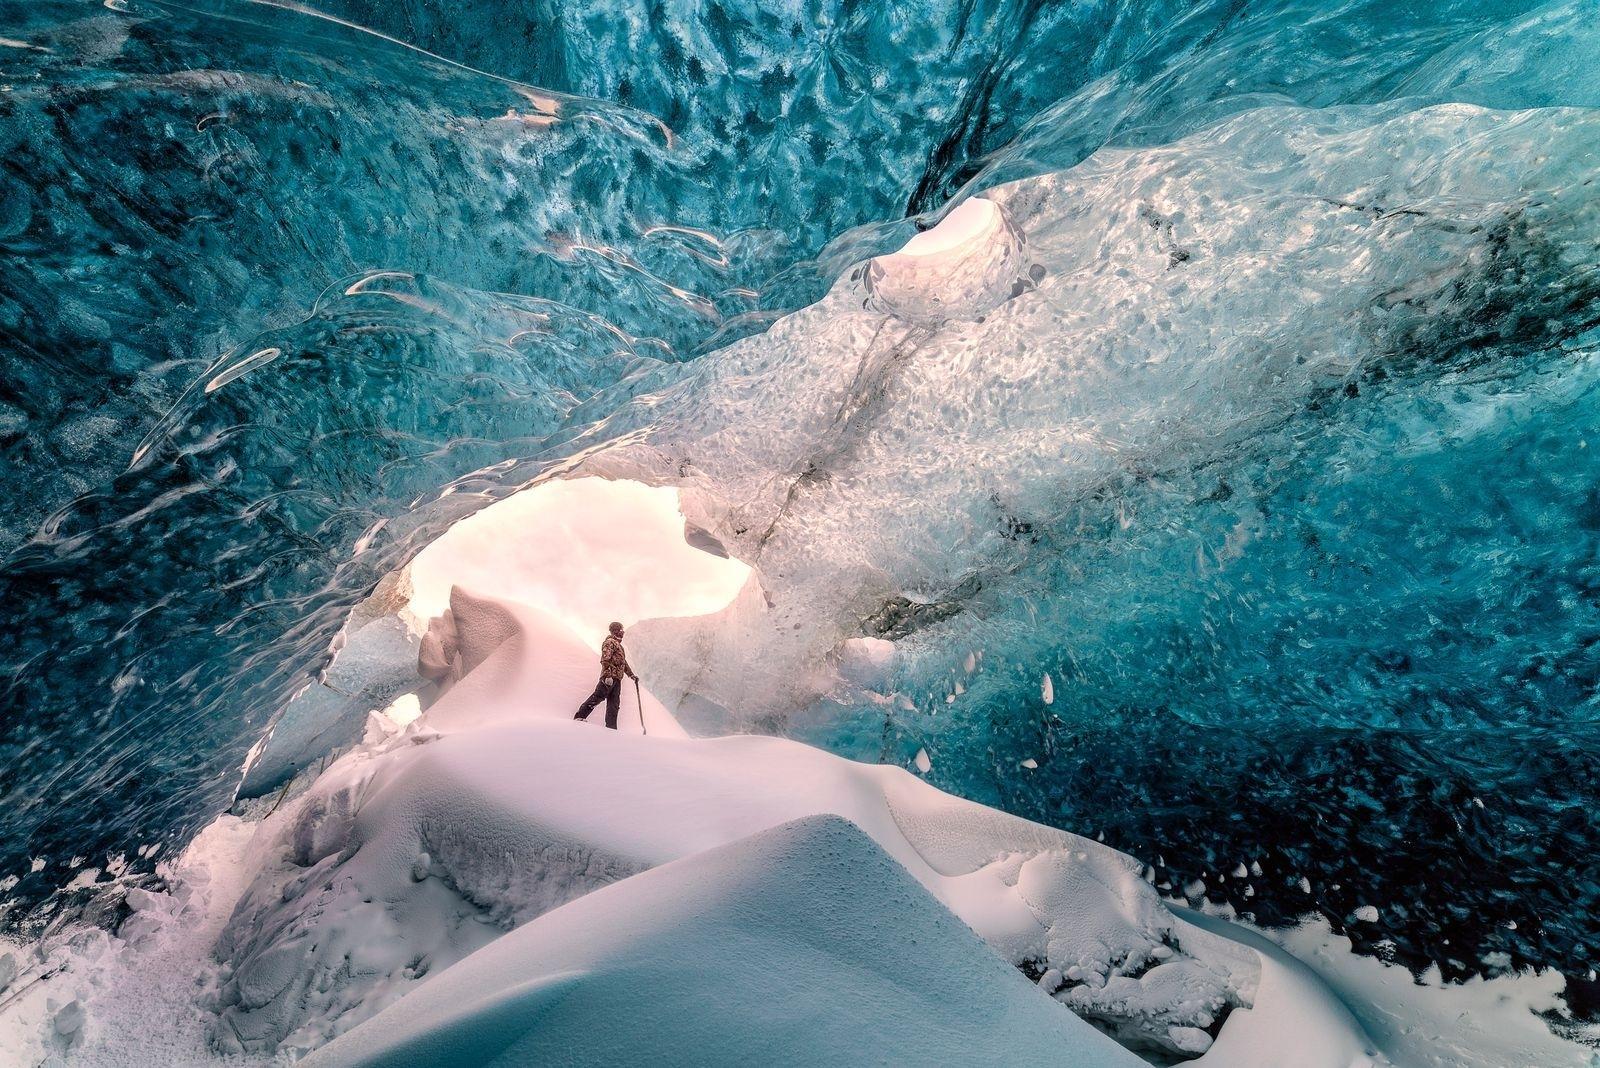 冰洞探索 攝影:Raffaele Cabras, 國家地理〈你的觀點〉